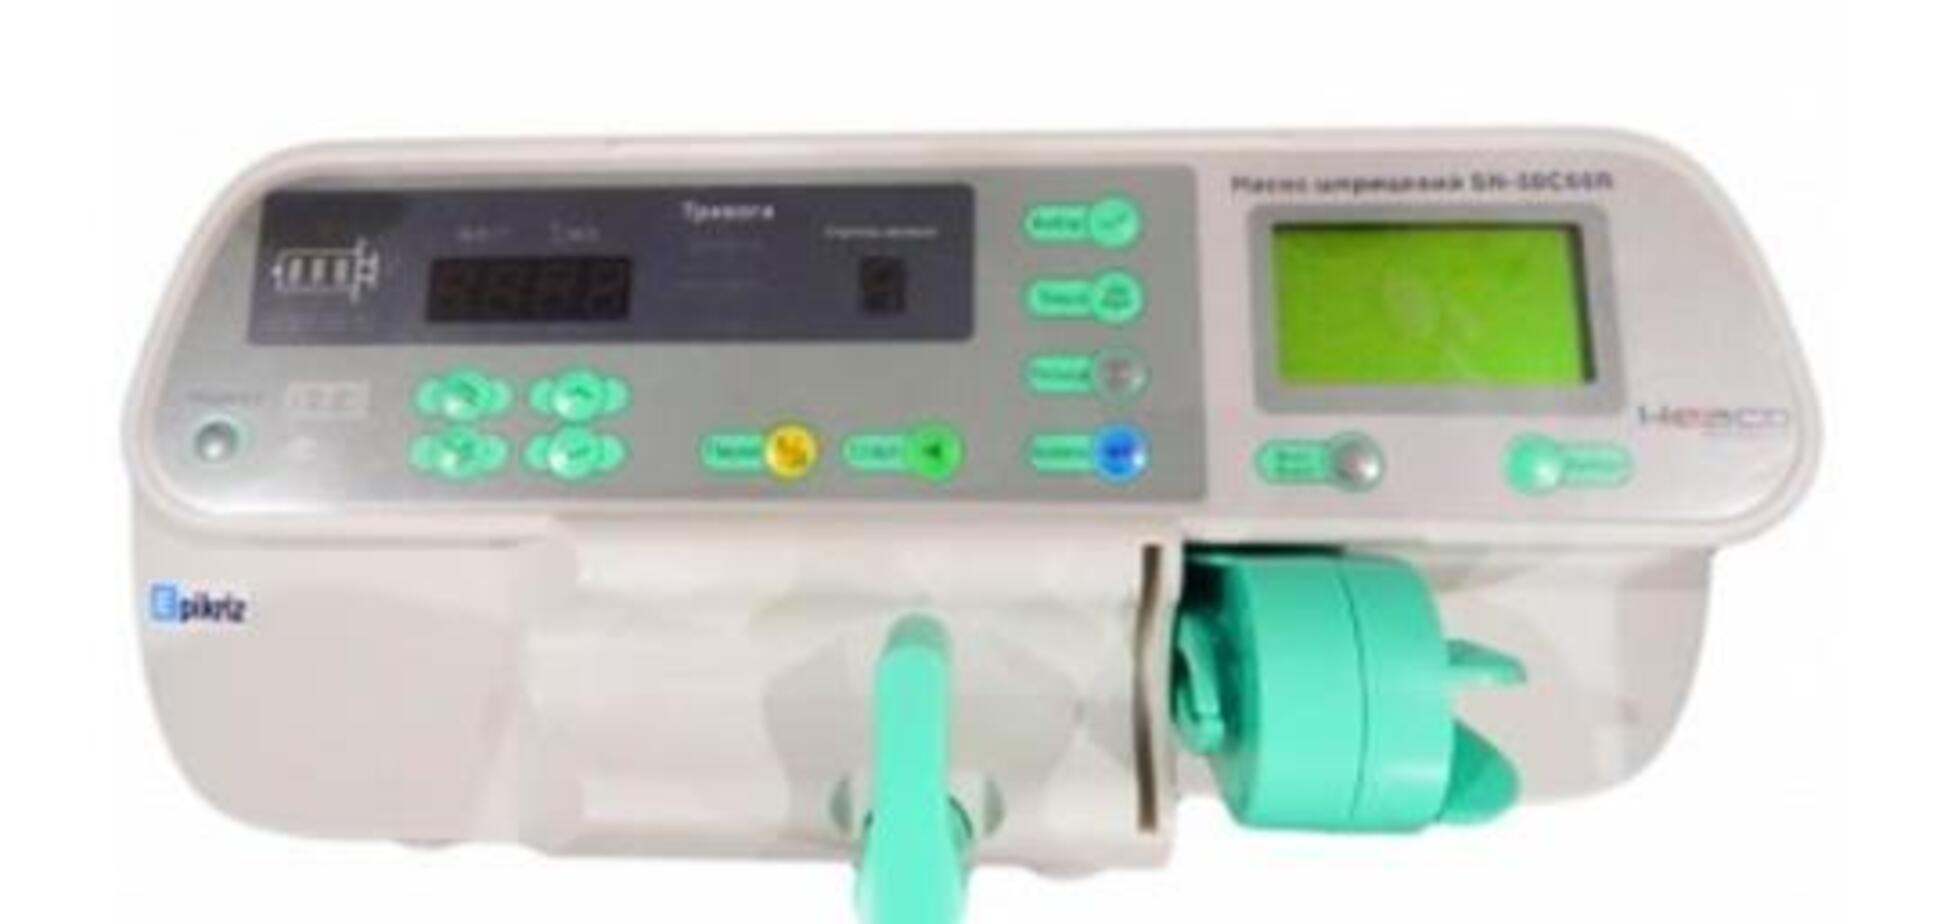 Срочно нужны аппараты для реанимации госпиталя